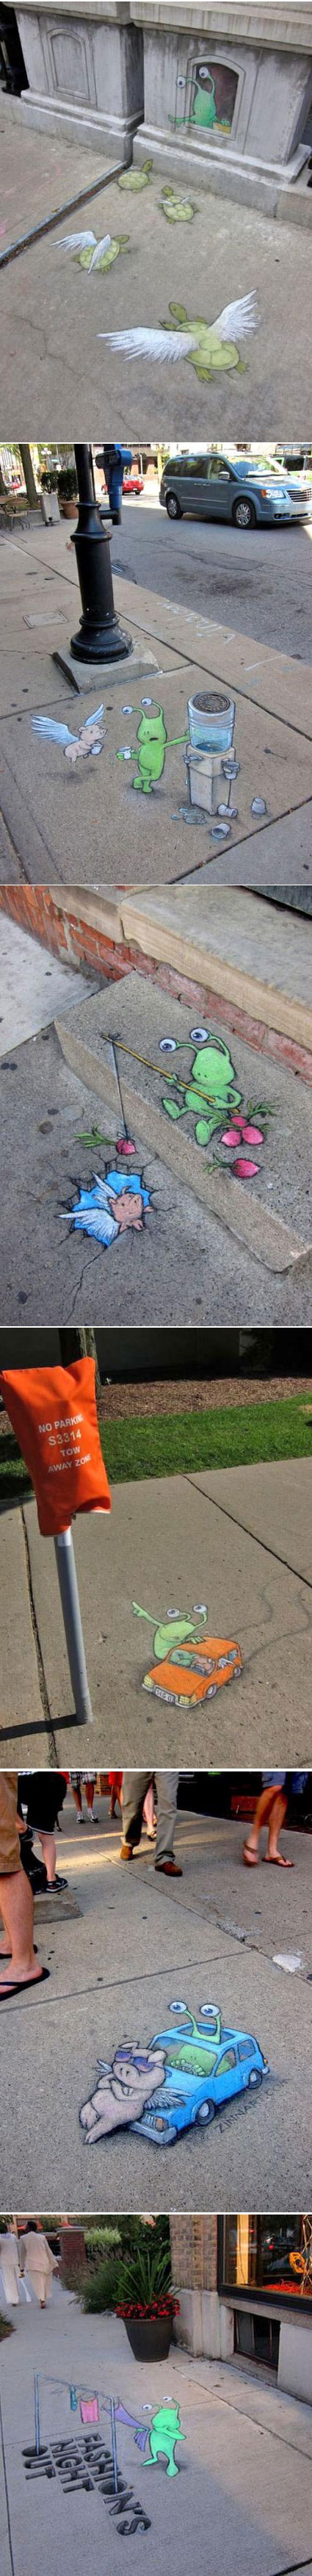 Street art - con tiza